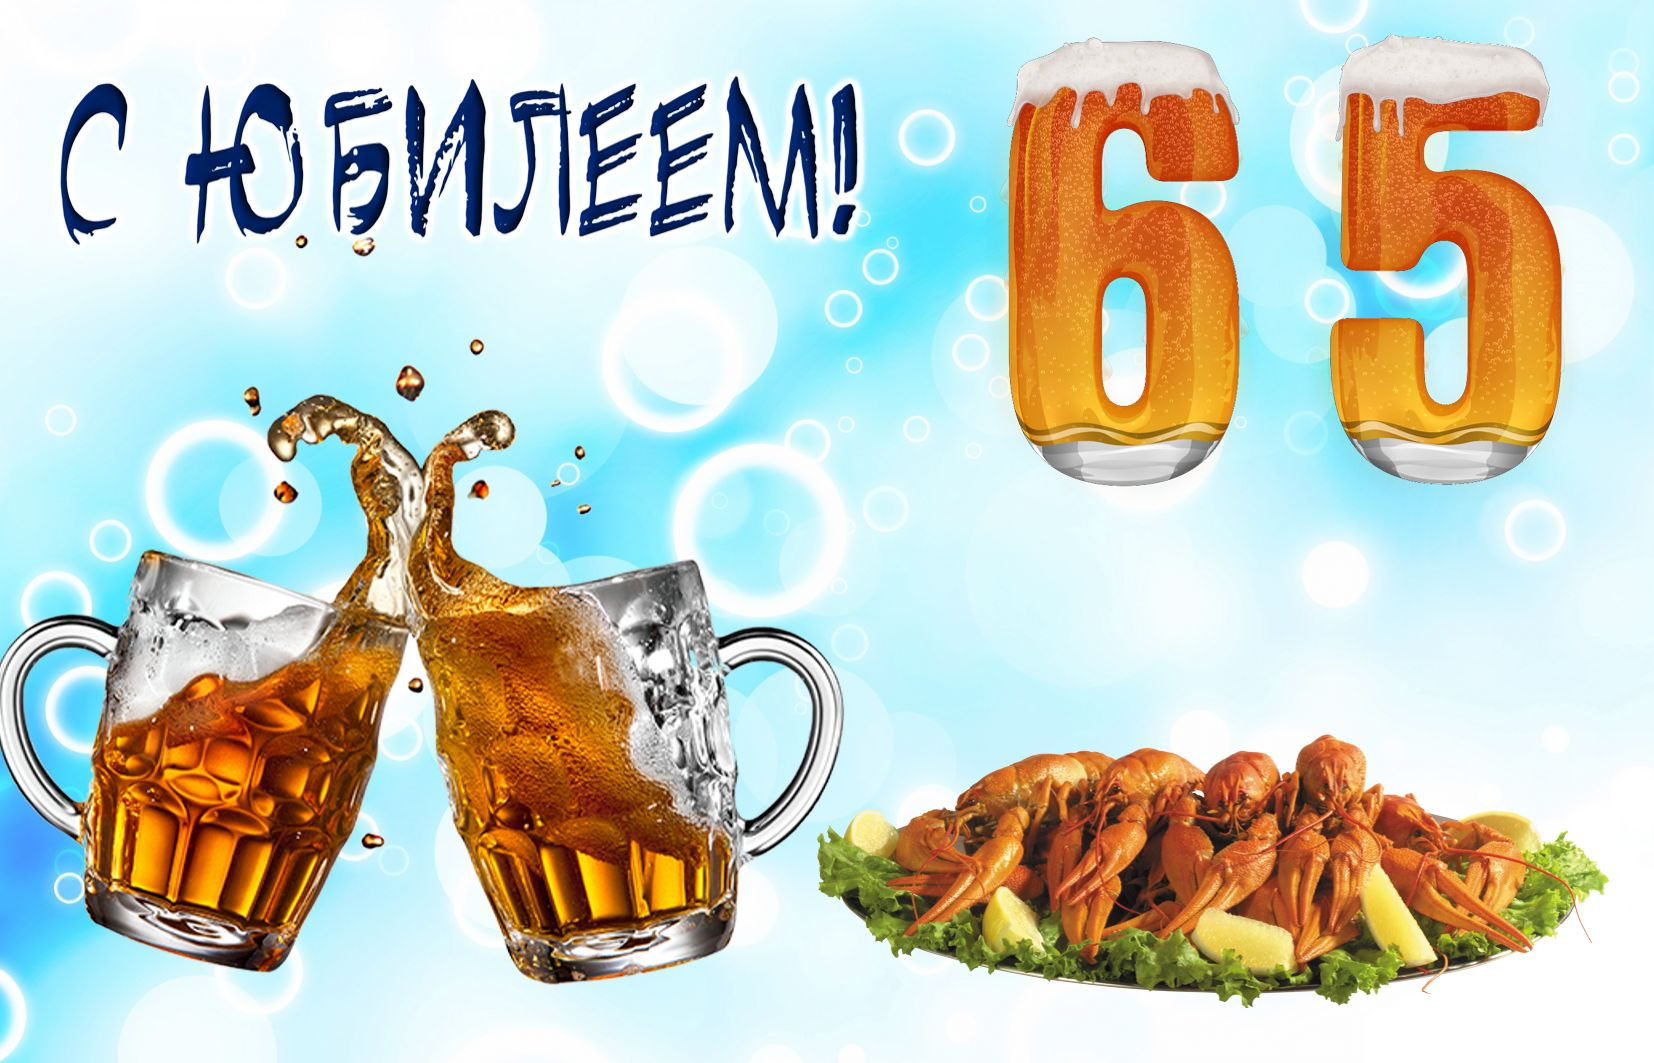 Кружки с пивом и раки на 65 День рождения